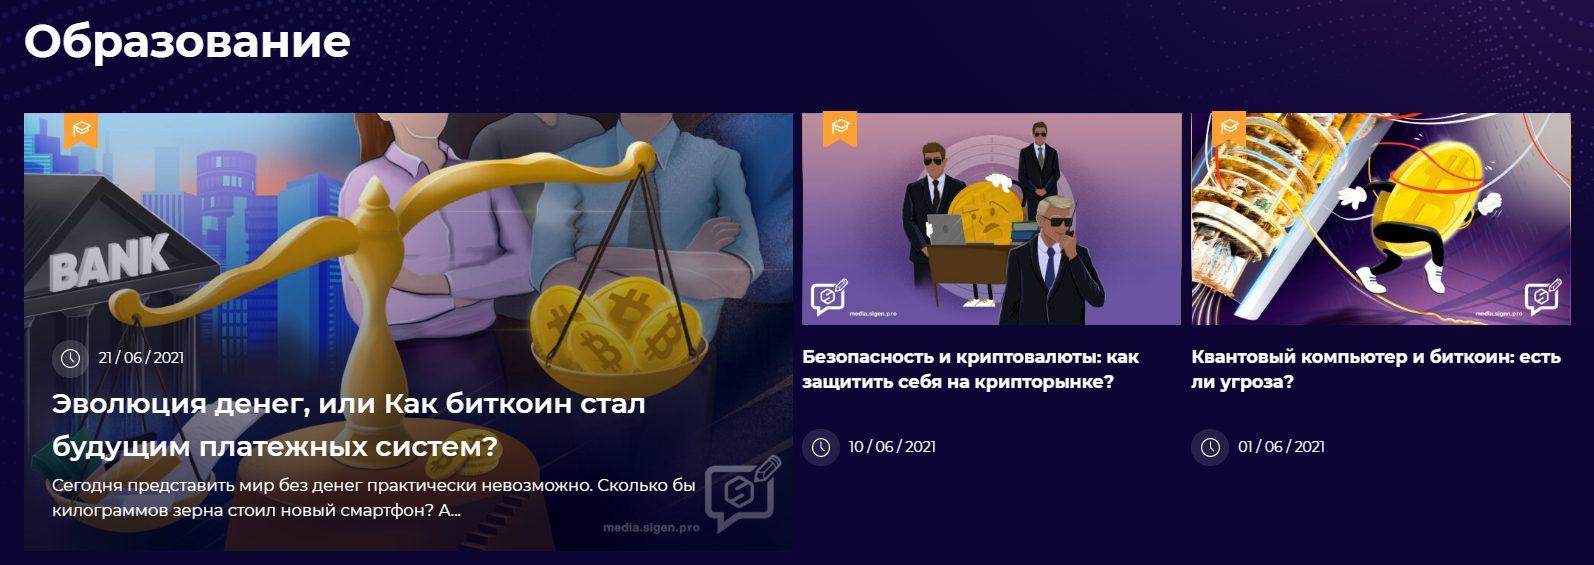 Портал проекта Media SIGEN